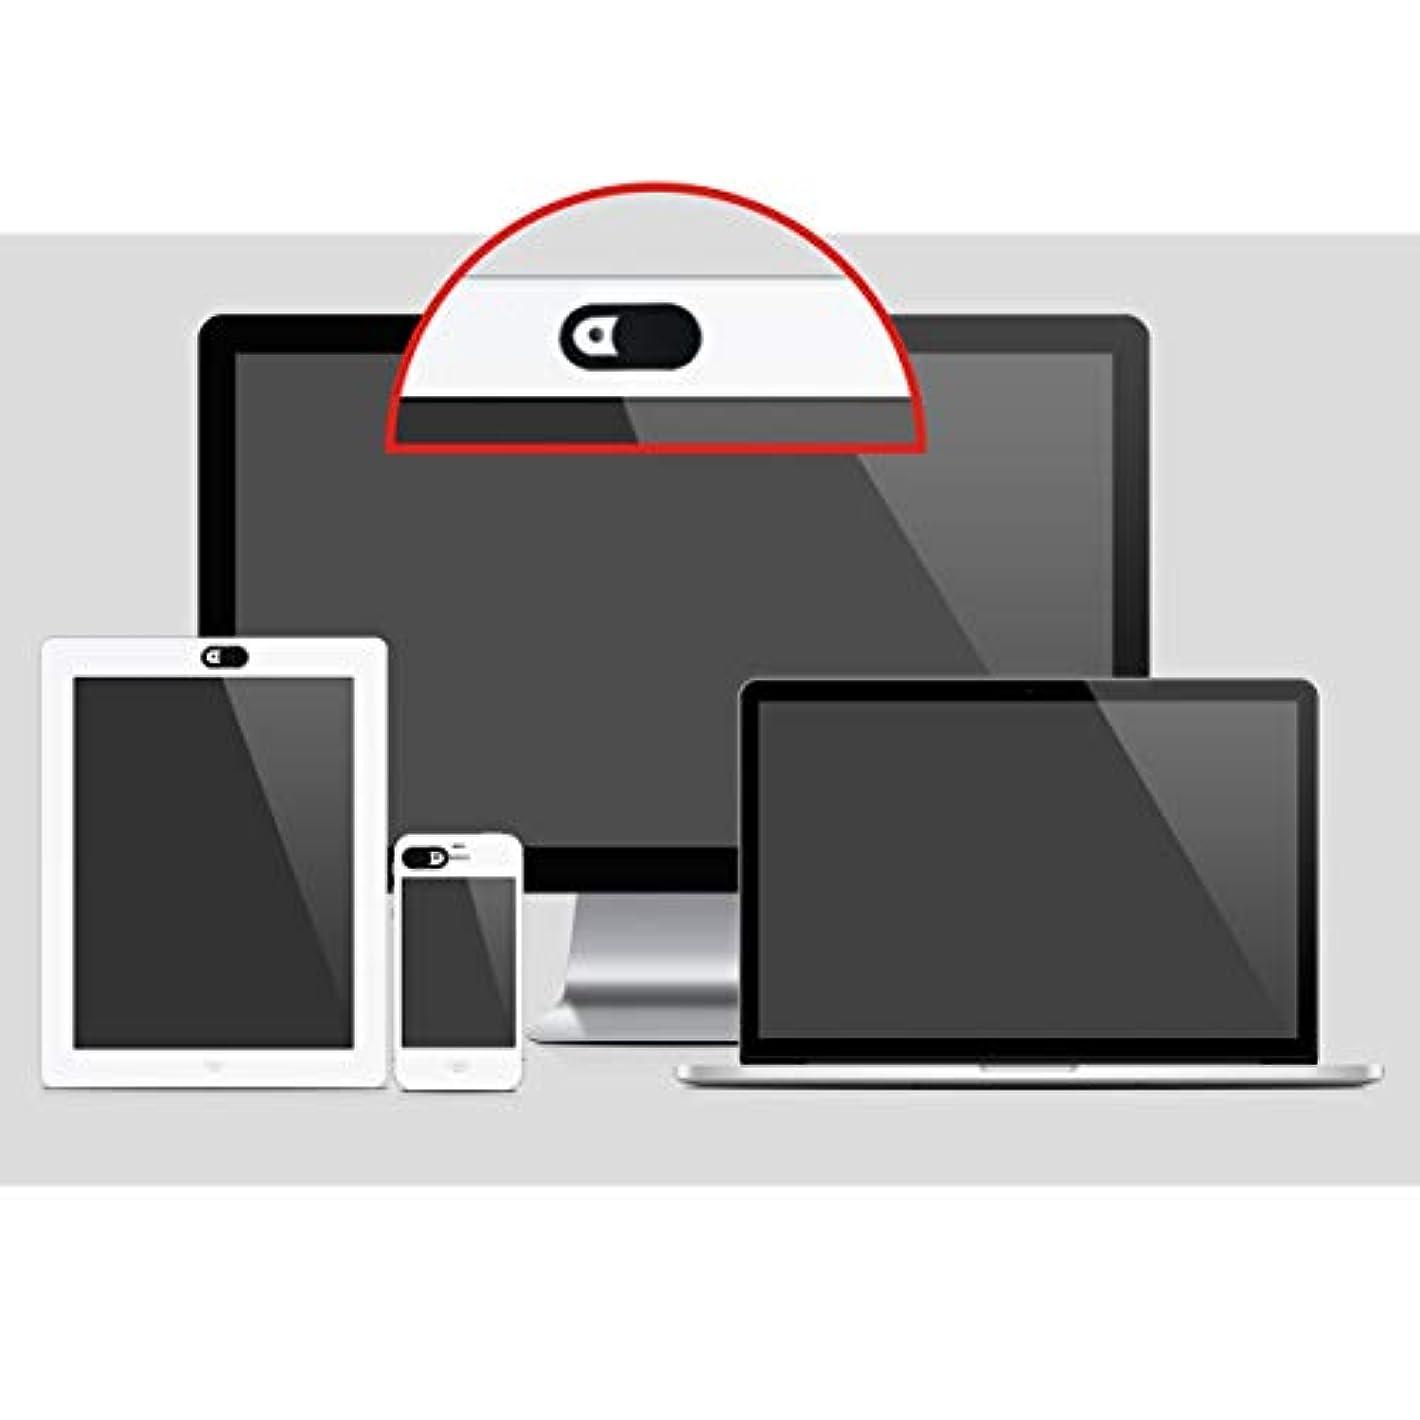 胃控えめな些細な1PCS耐久性のある金属の楕円形のミニWebCamカバーシャッターマグネットスライダーカメラカバーWebラップトップPCタブレットプライバシー用(色:黒)